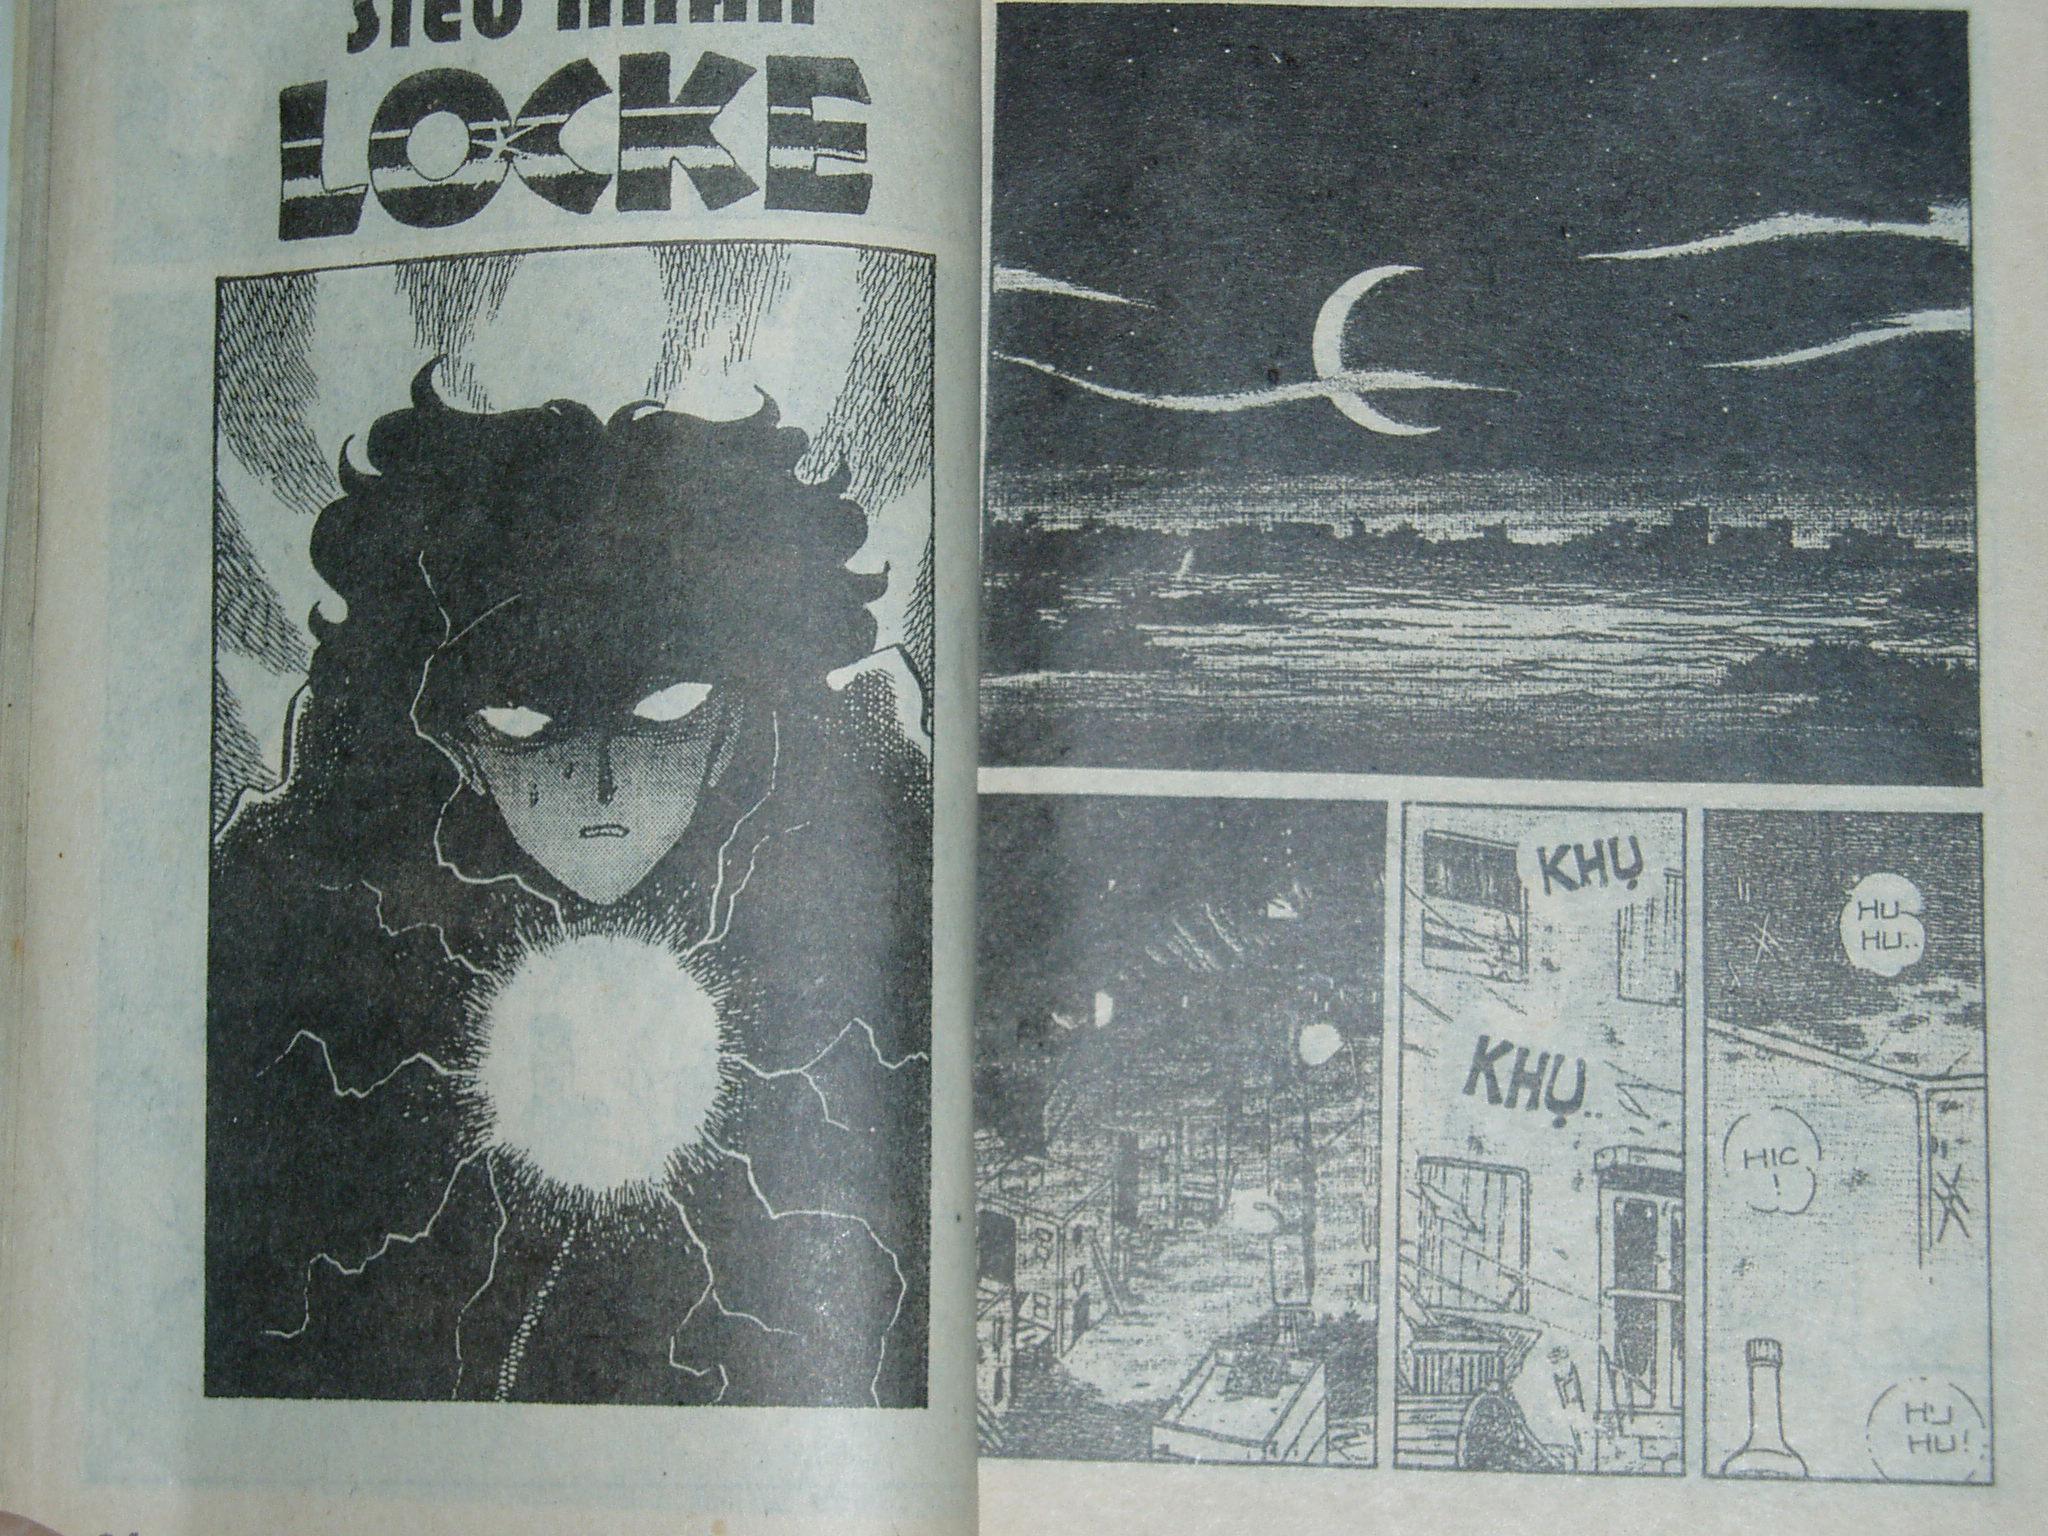 Siêu nhân Locke vol 14 trang 12